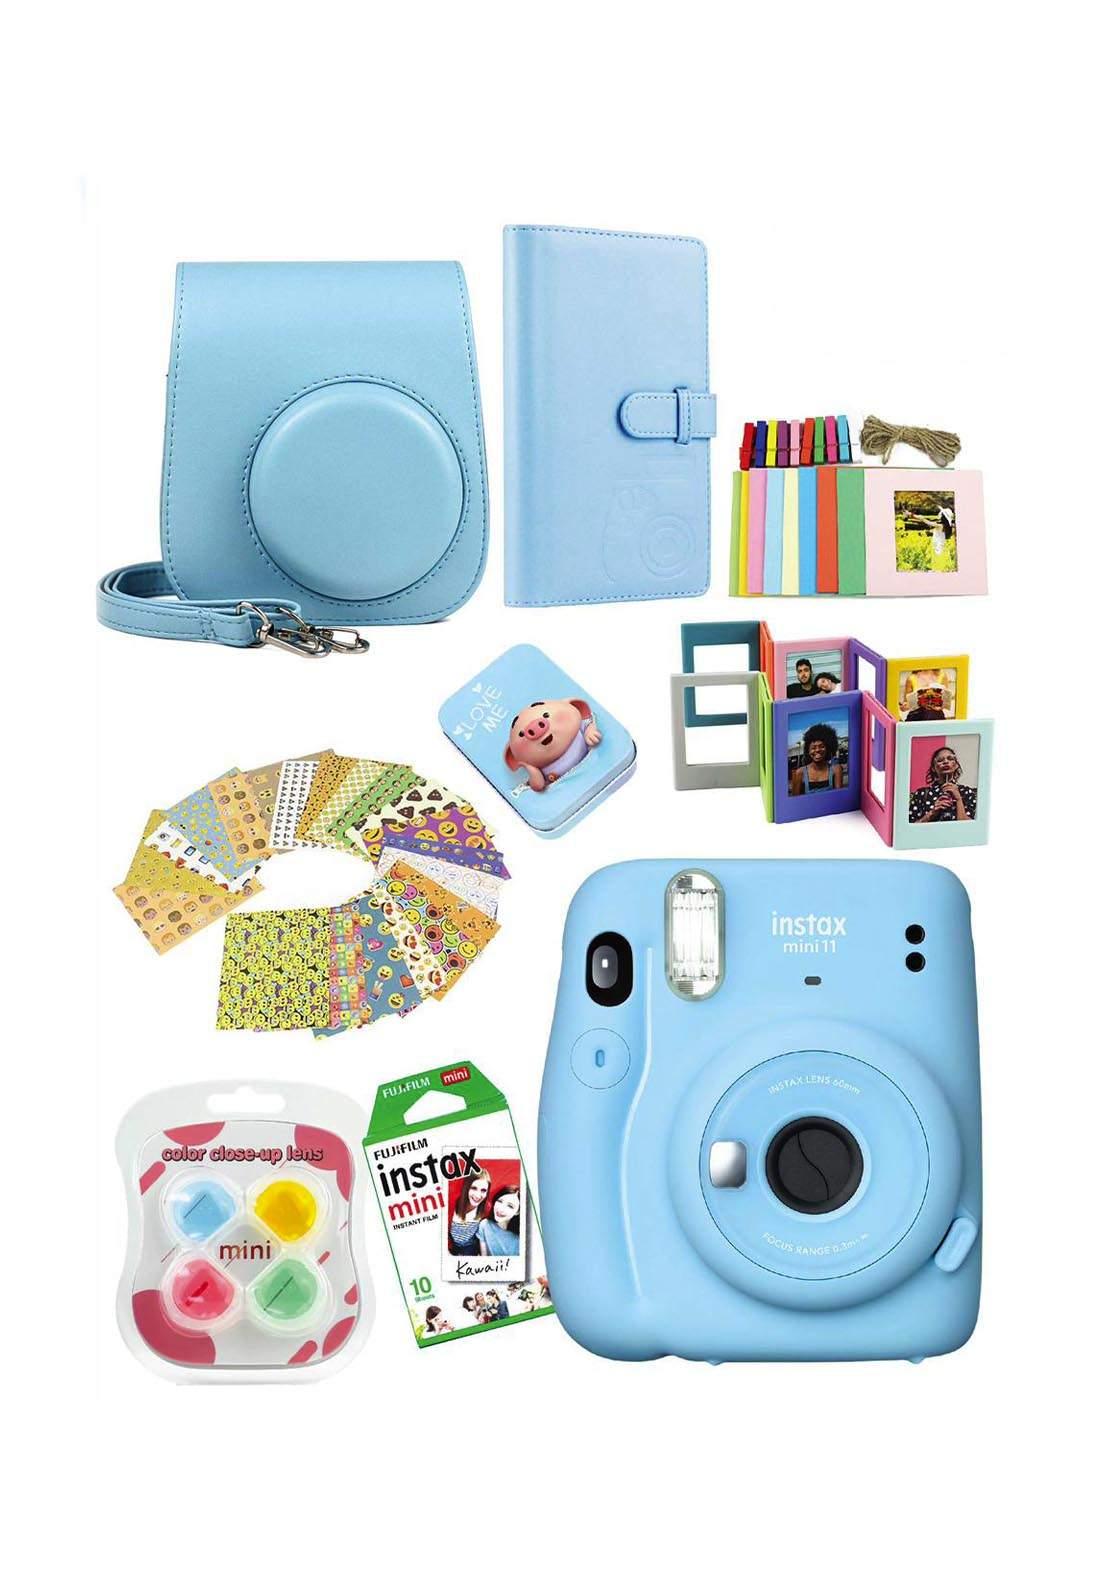 Fujifilm Instax MemoriesPack Mini11 Camera Package - Blue كاميرا فورية